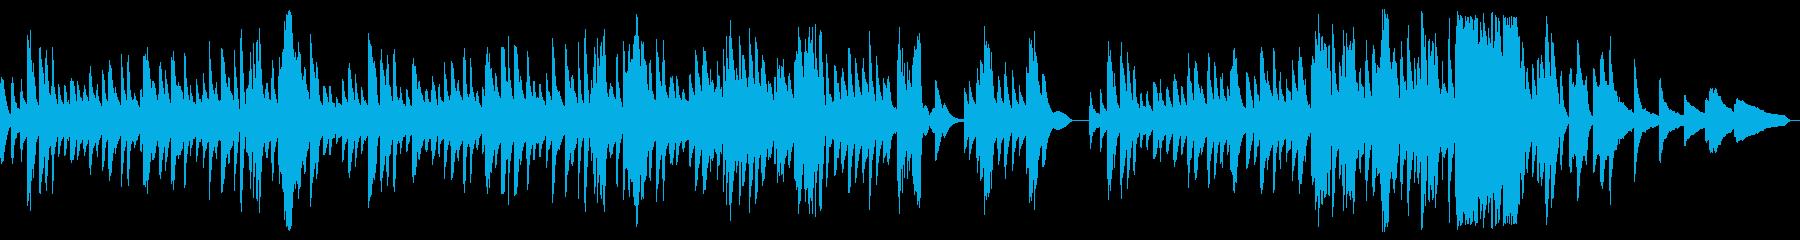 穏やかなピアノワルツの再生済みの波形